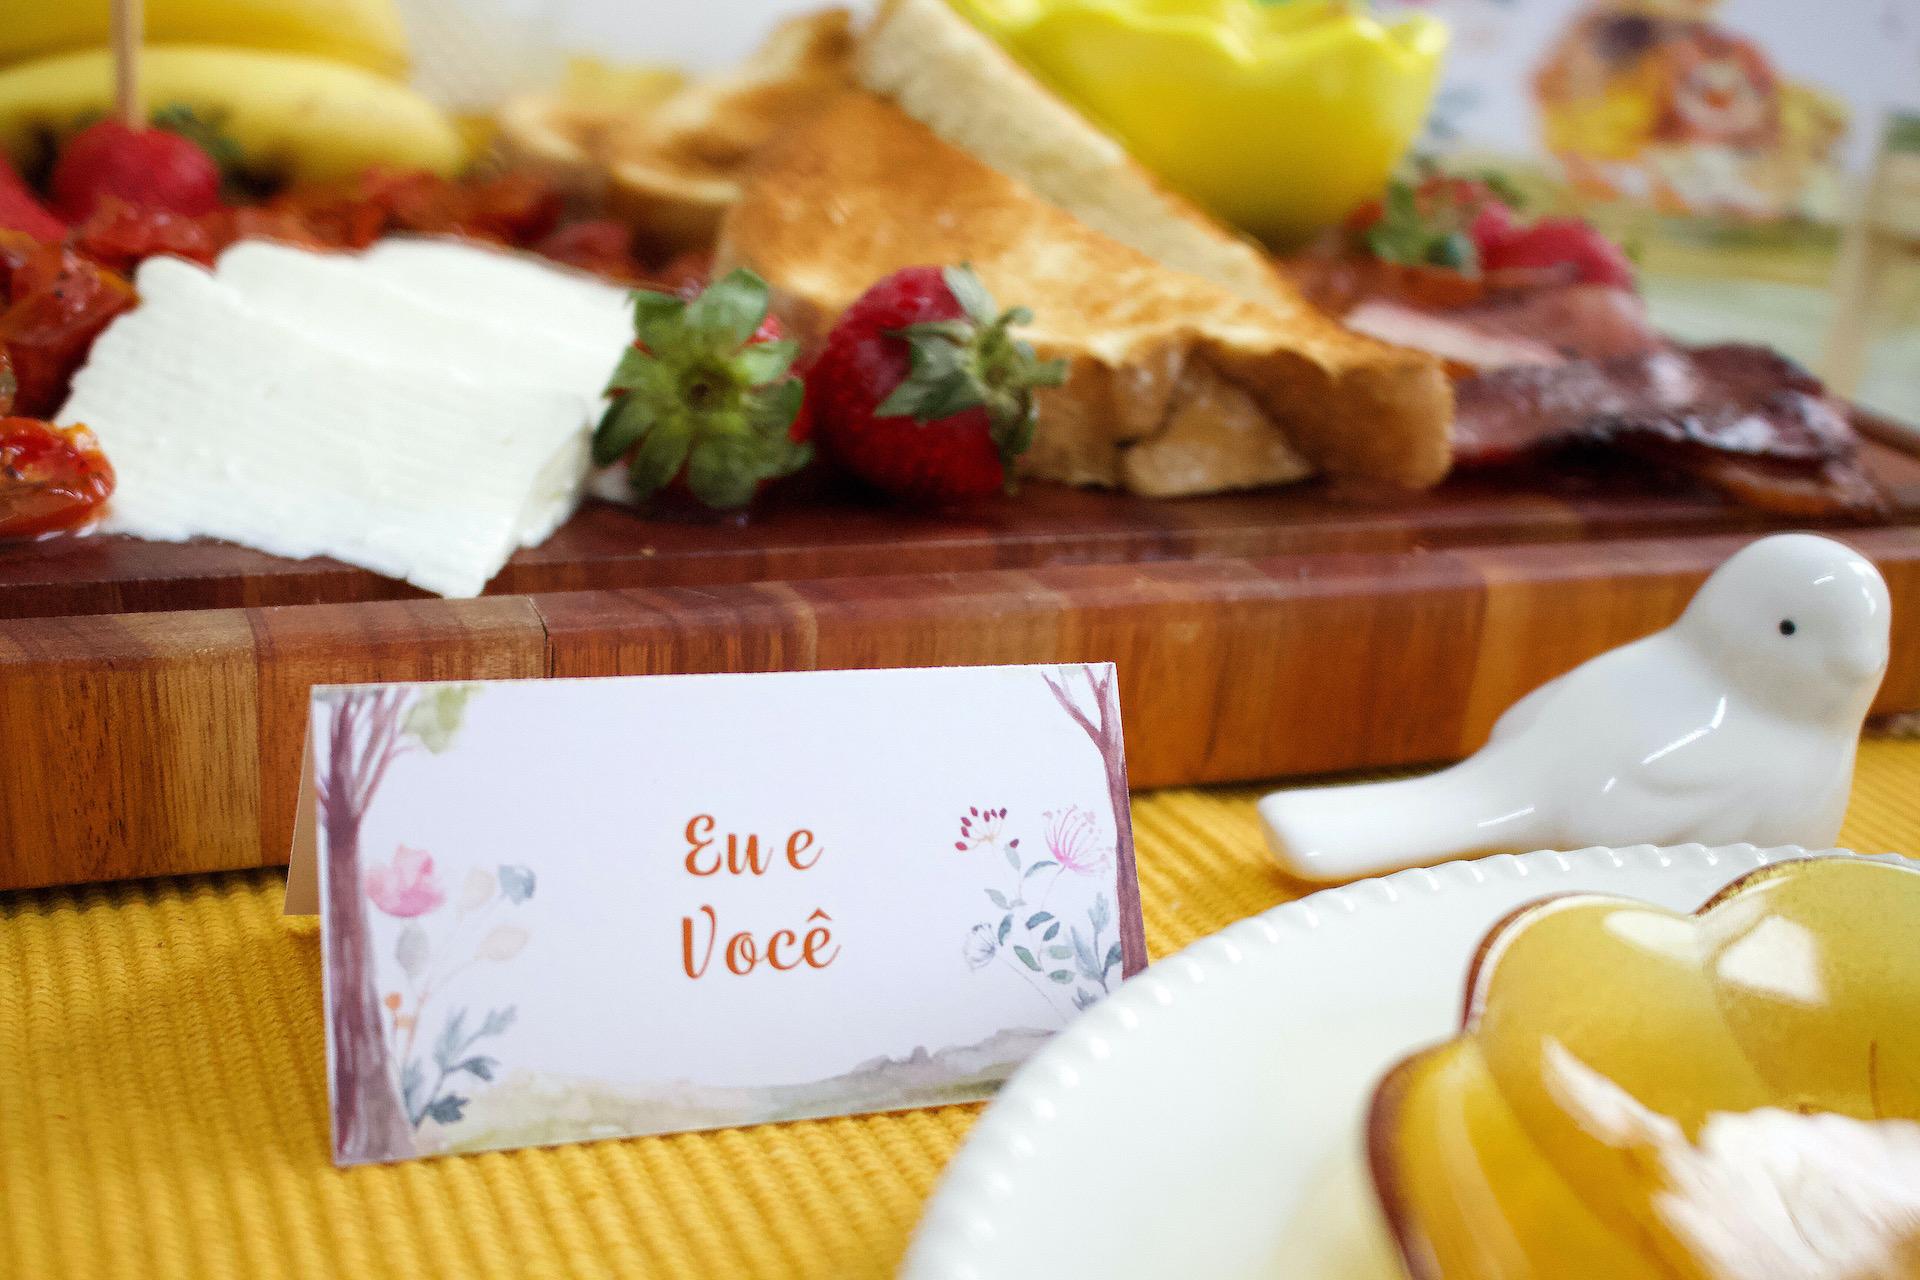 bodas de pintinho mesa posta comemoração